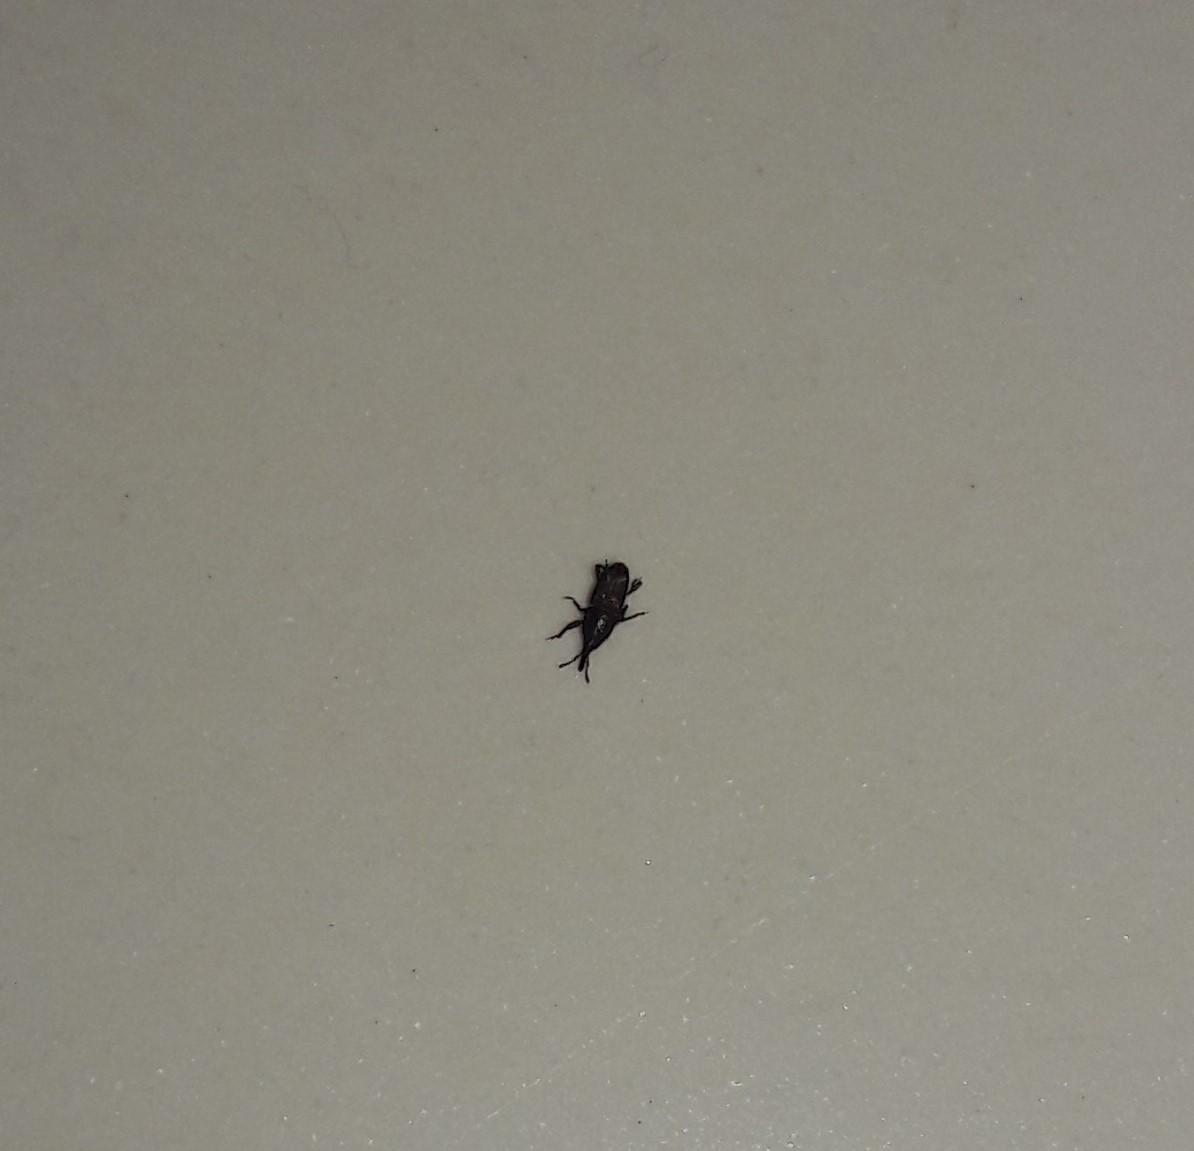 stechender k fer wanze was ist das insekten stechen. Black Bedroom Furniture Sets. Home Design Ideas